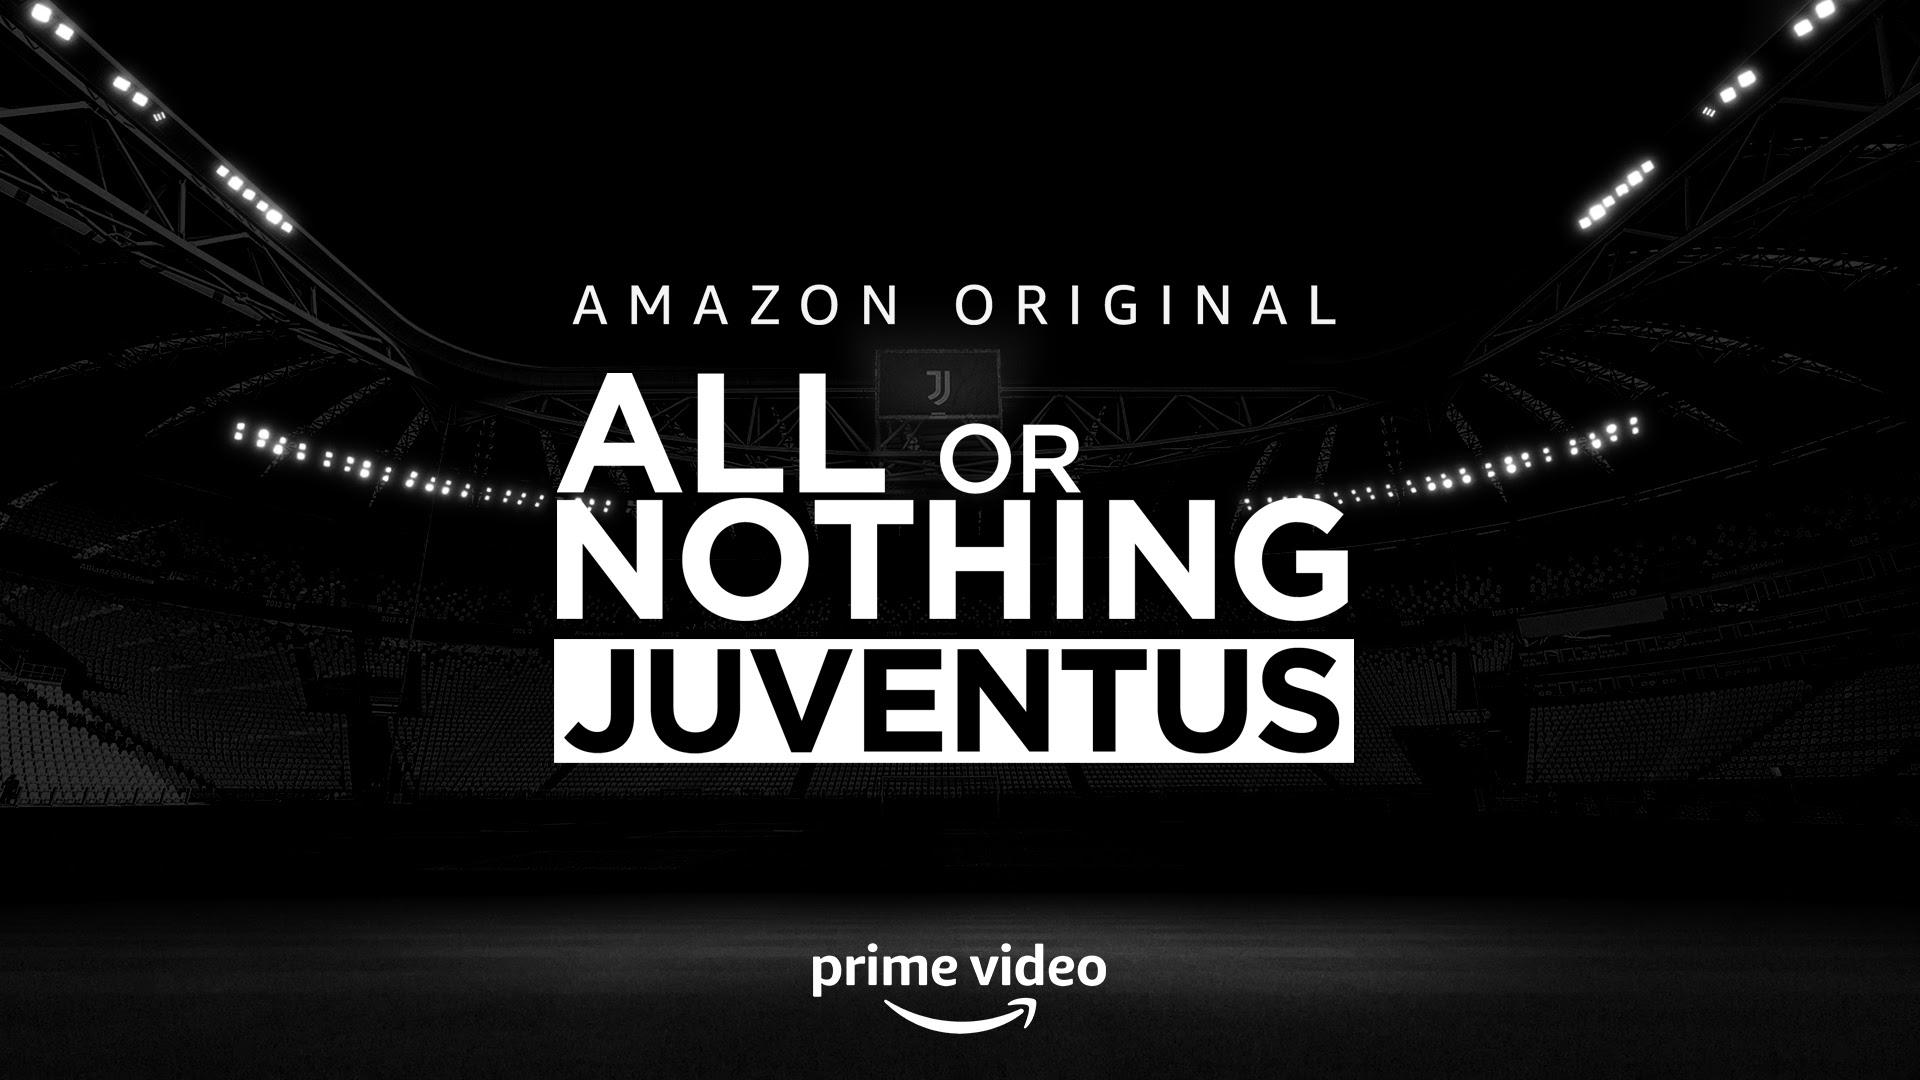 All or Nothing: Juventus, tutto sulla nuova docu-serie Amazon Original italiana zerkalo spettacolo